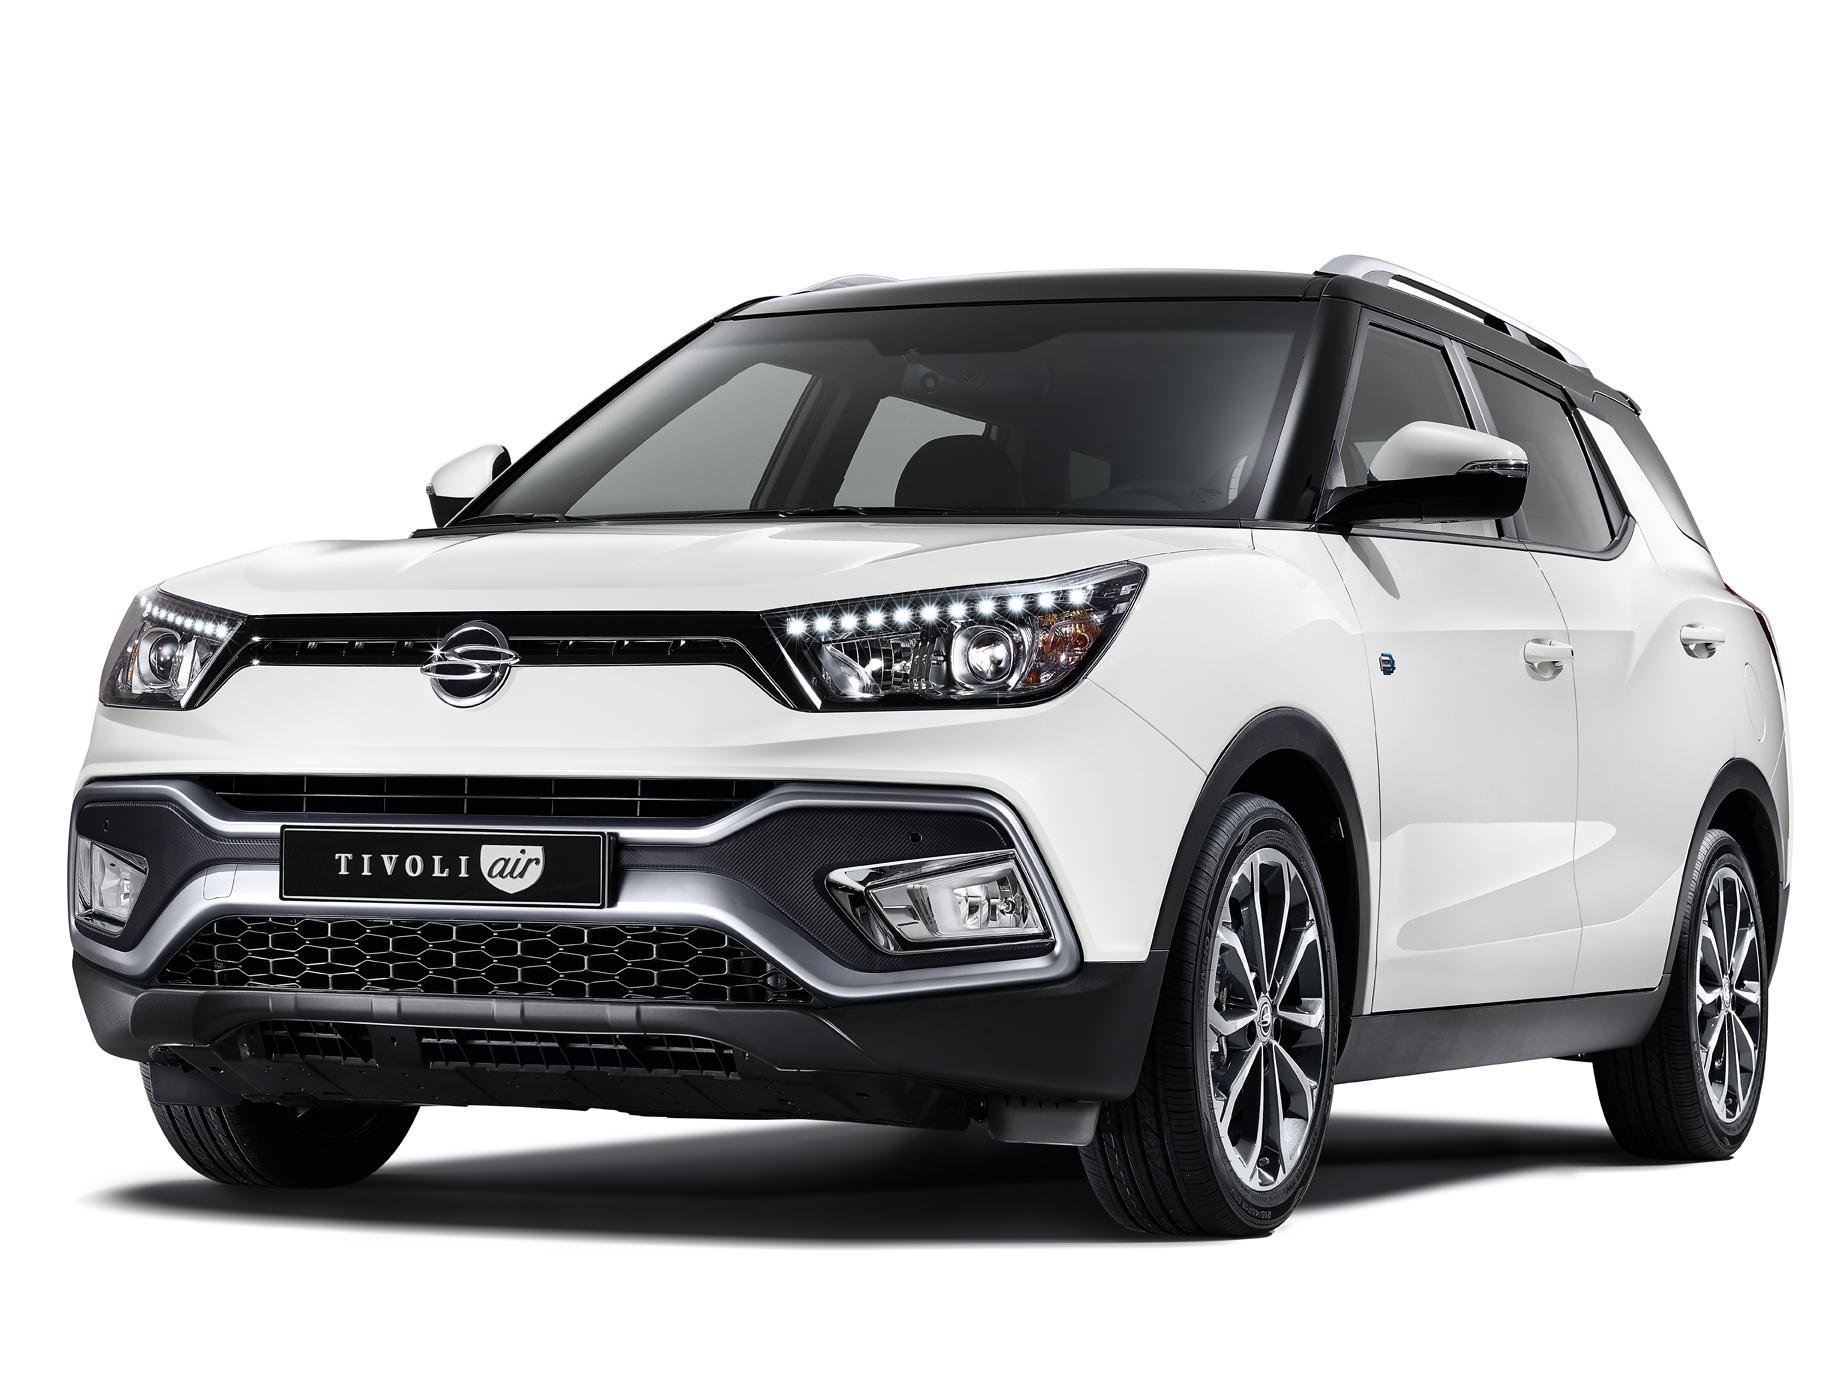 쌍용자동차, 티볼리 에어 가솔린 모델 출시